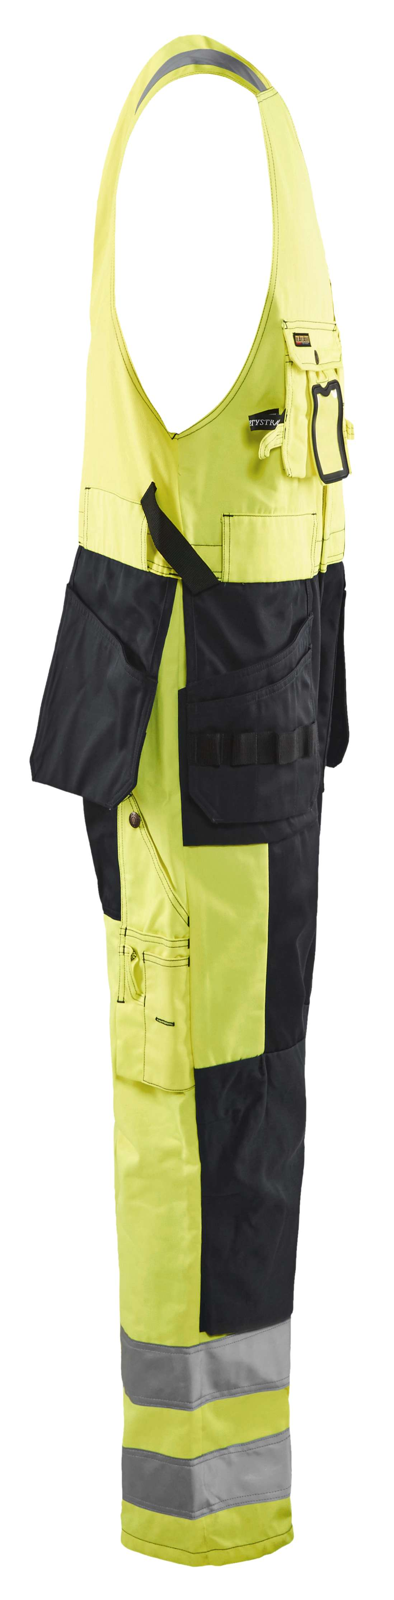 Blaklader Bodybroeken 26531804 High Vis geel-zwart(3399)